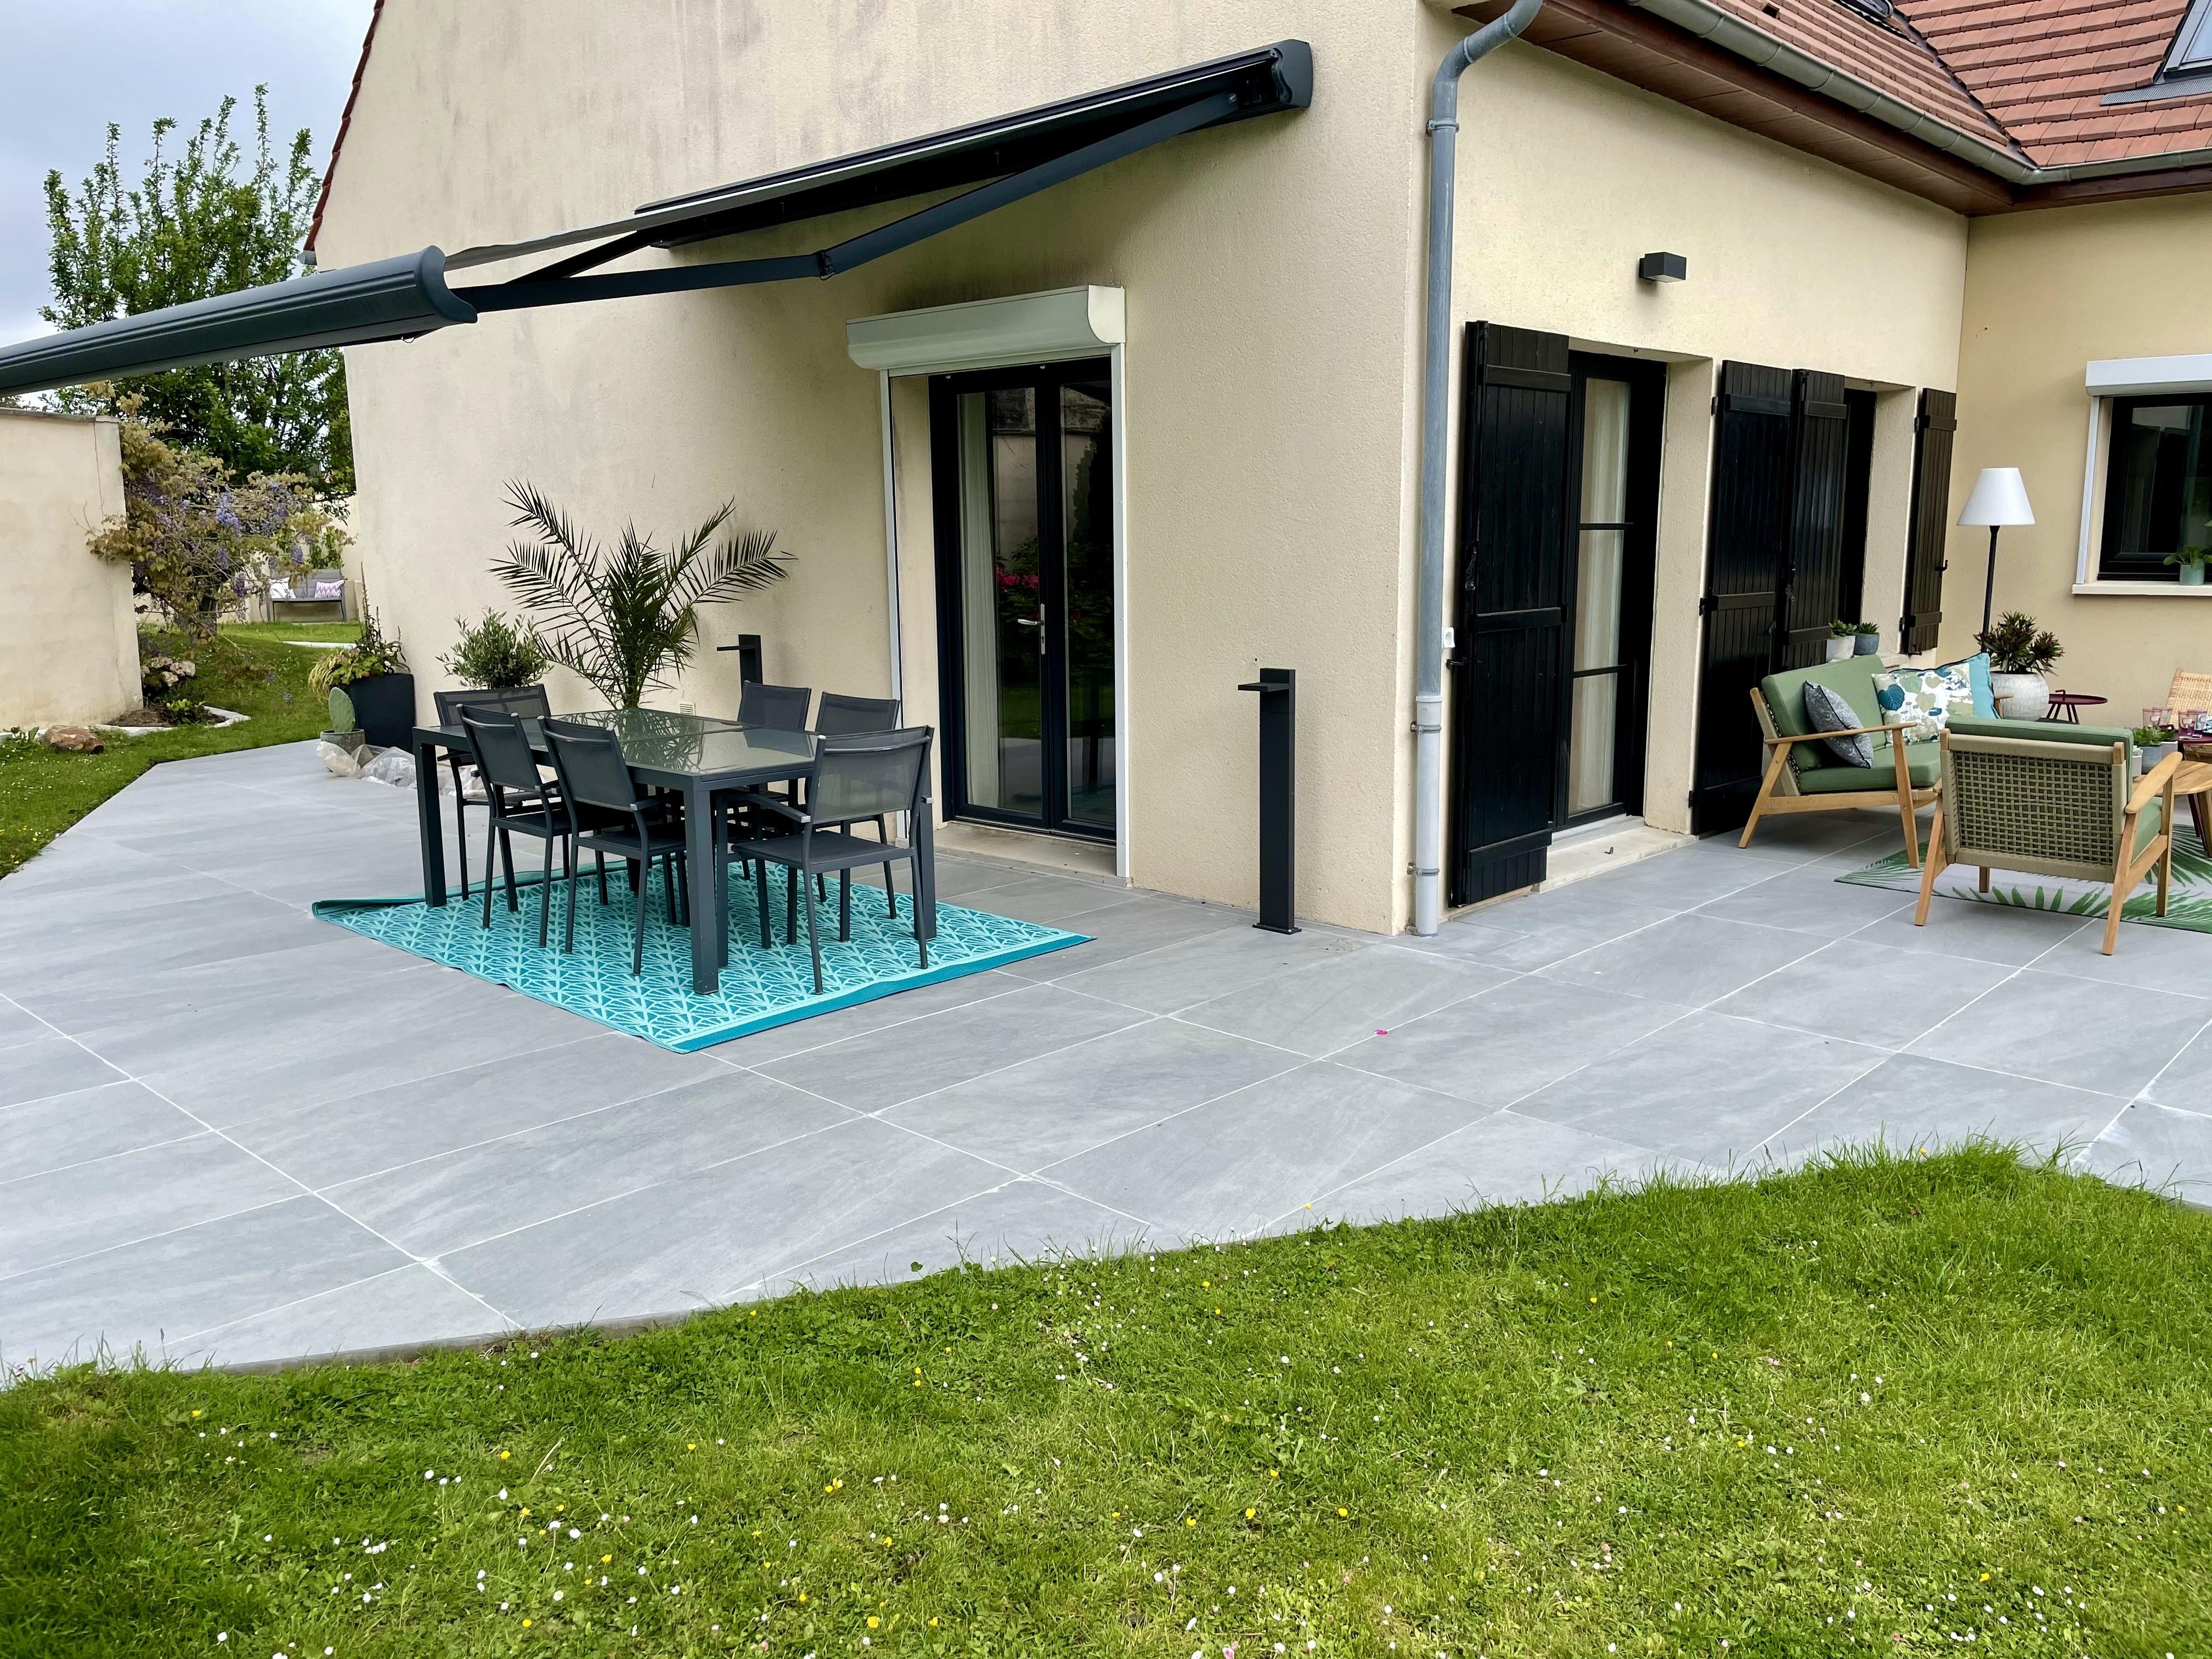 Store exte rieurpeggy guezello ame nagement de jardi et terrasse